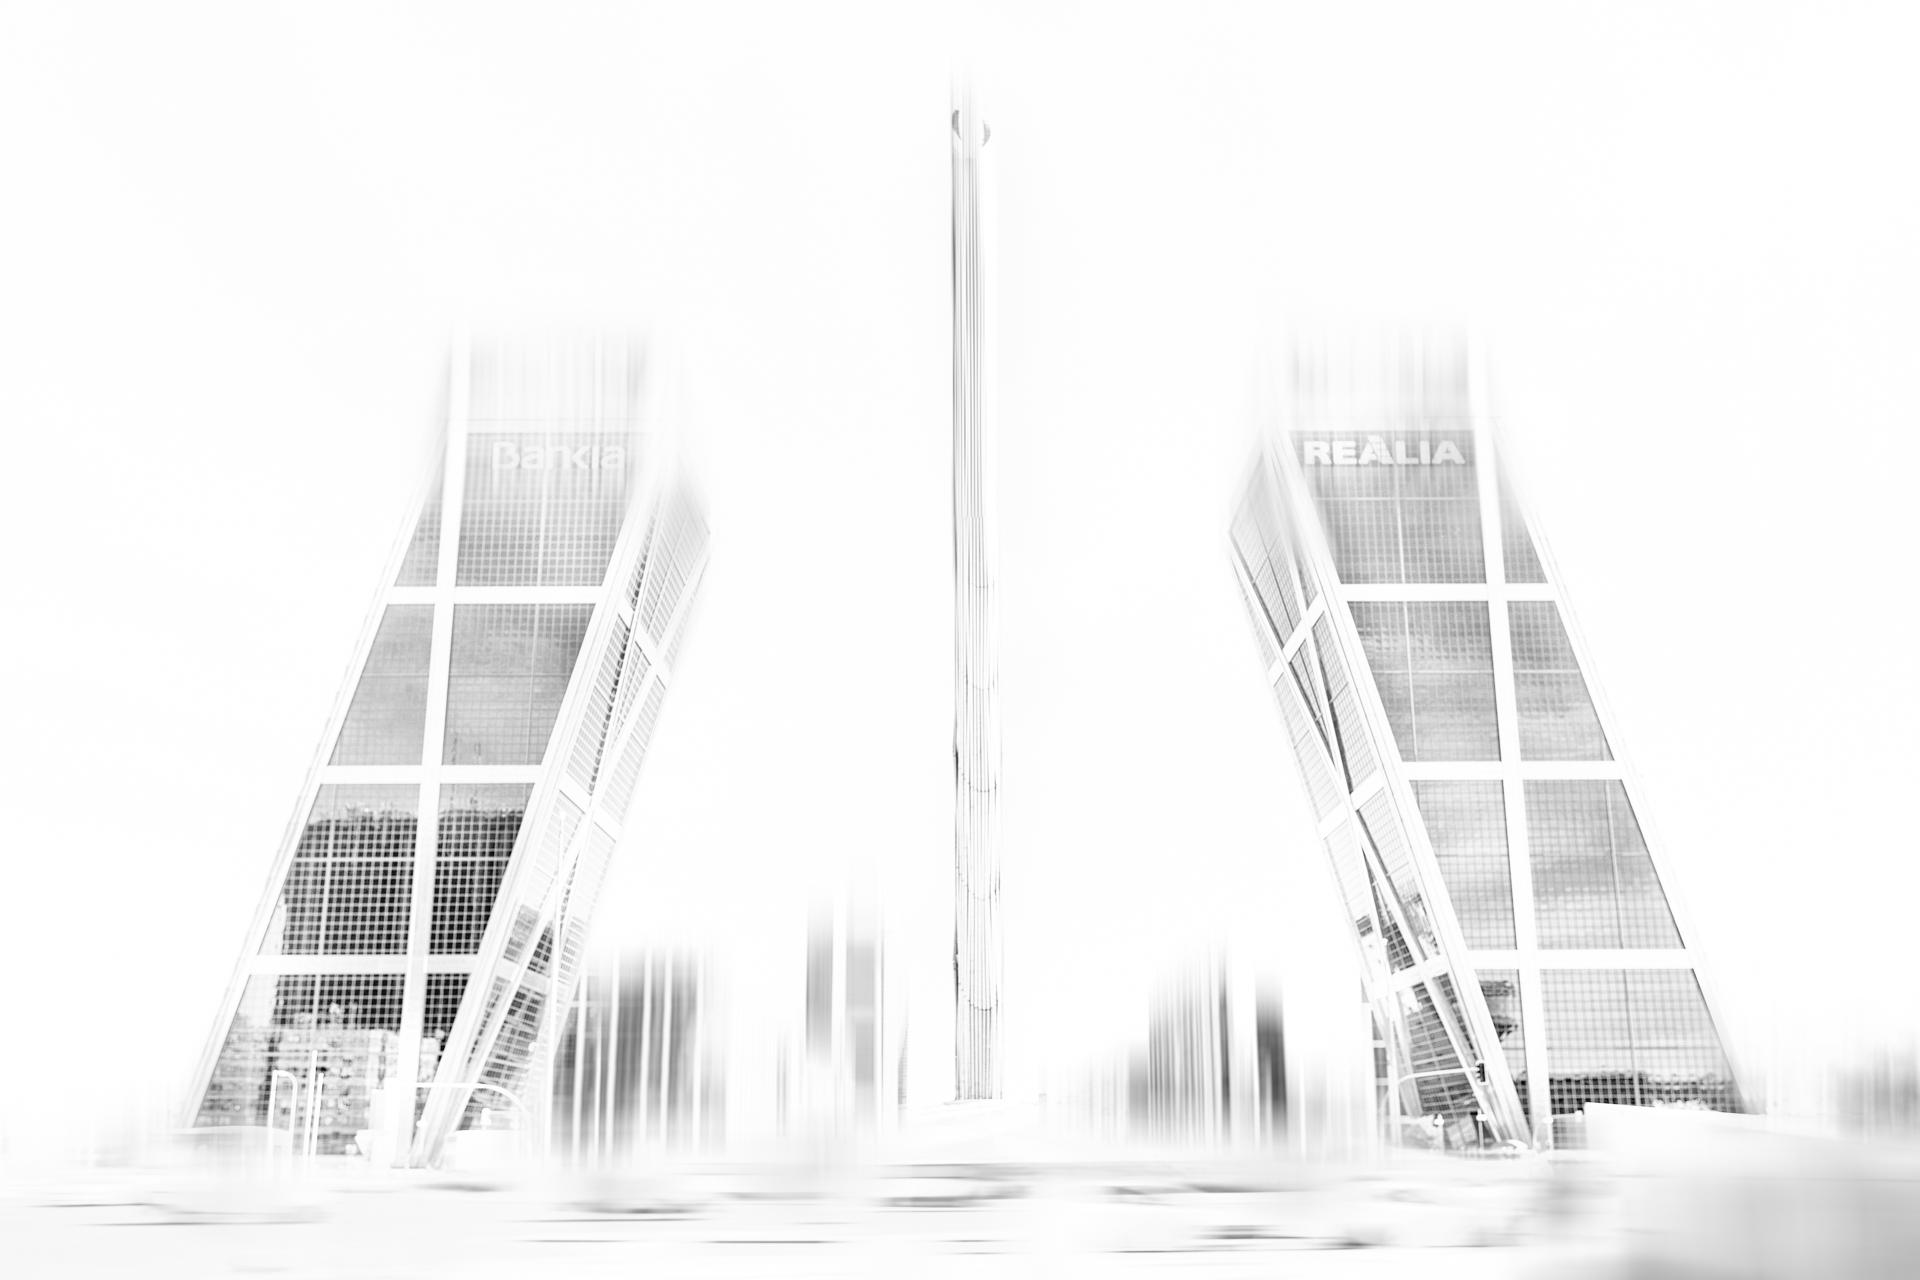 ALM_2058-Torres Kio-bw-2